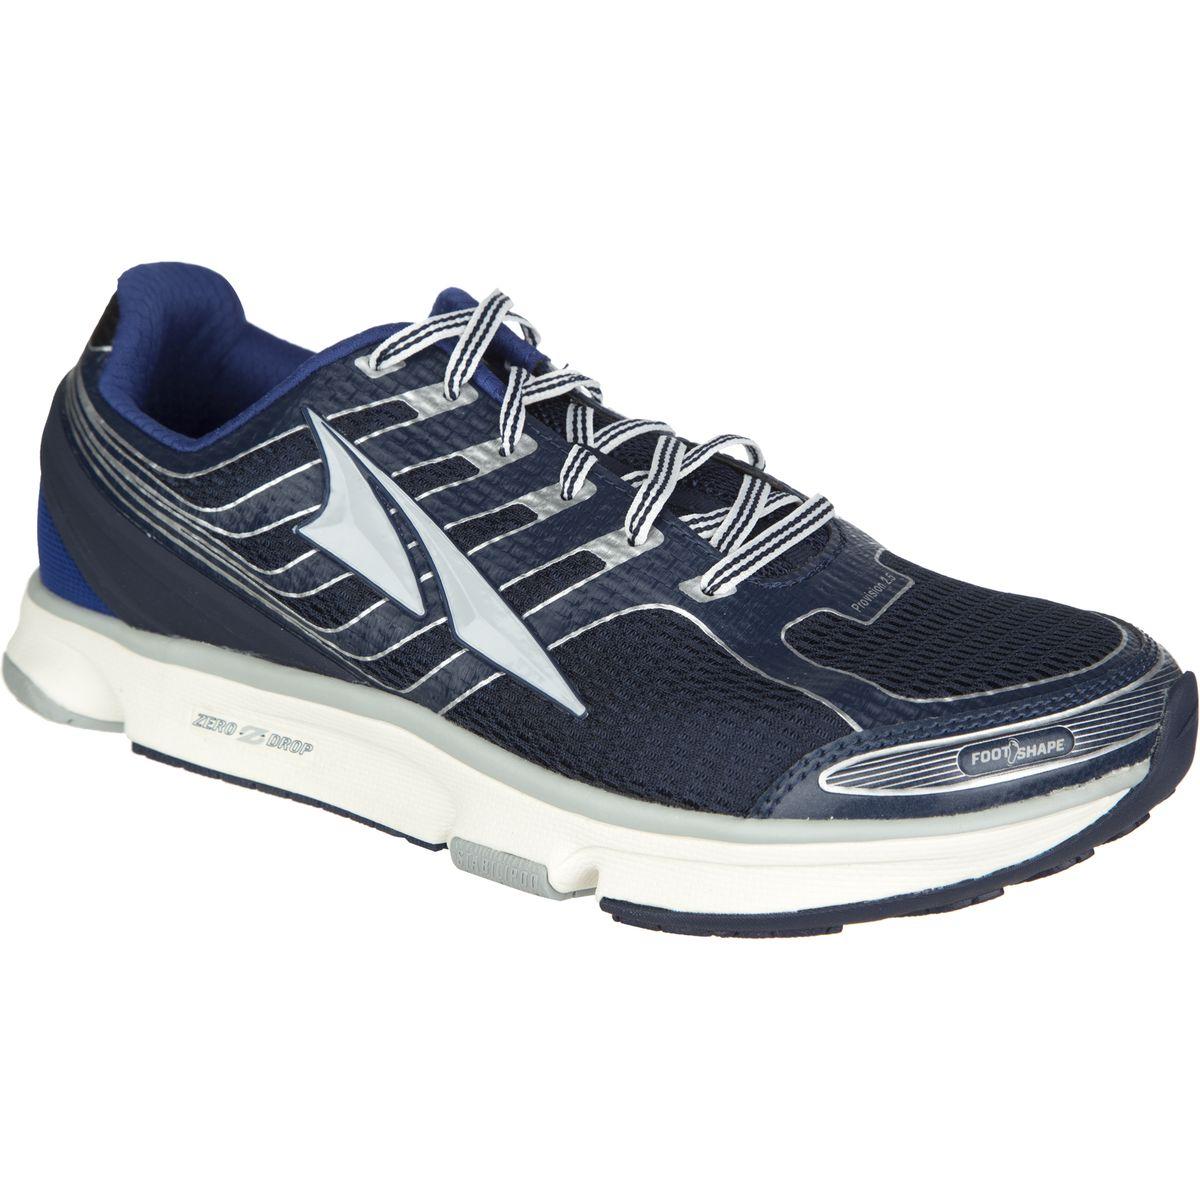 Altra Shoes Sale Uk